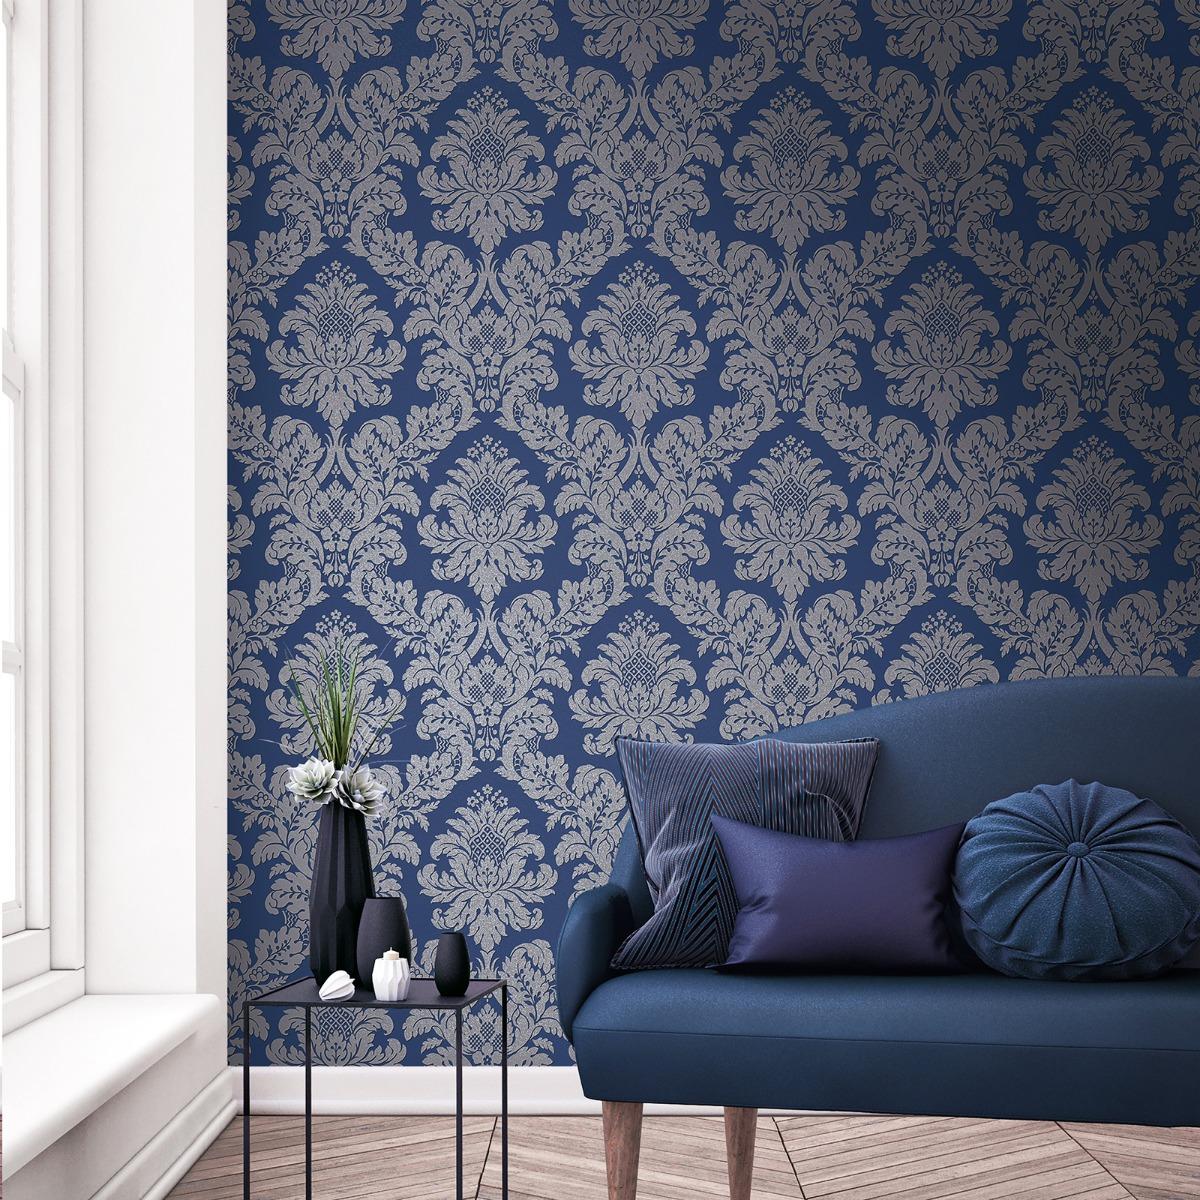 Glitter Damask Wallpaper Blue / Silver Pear Tree